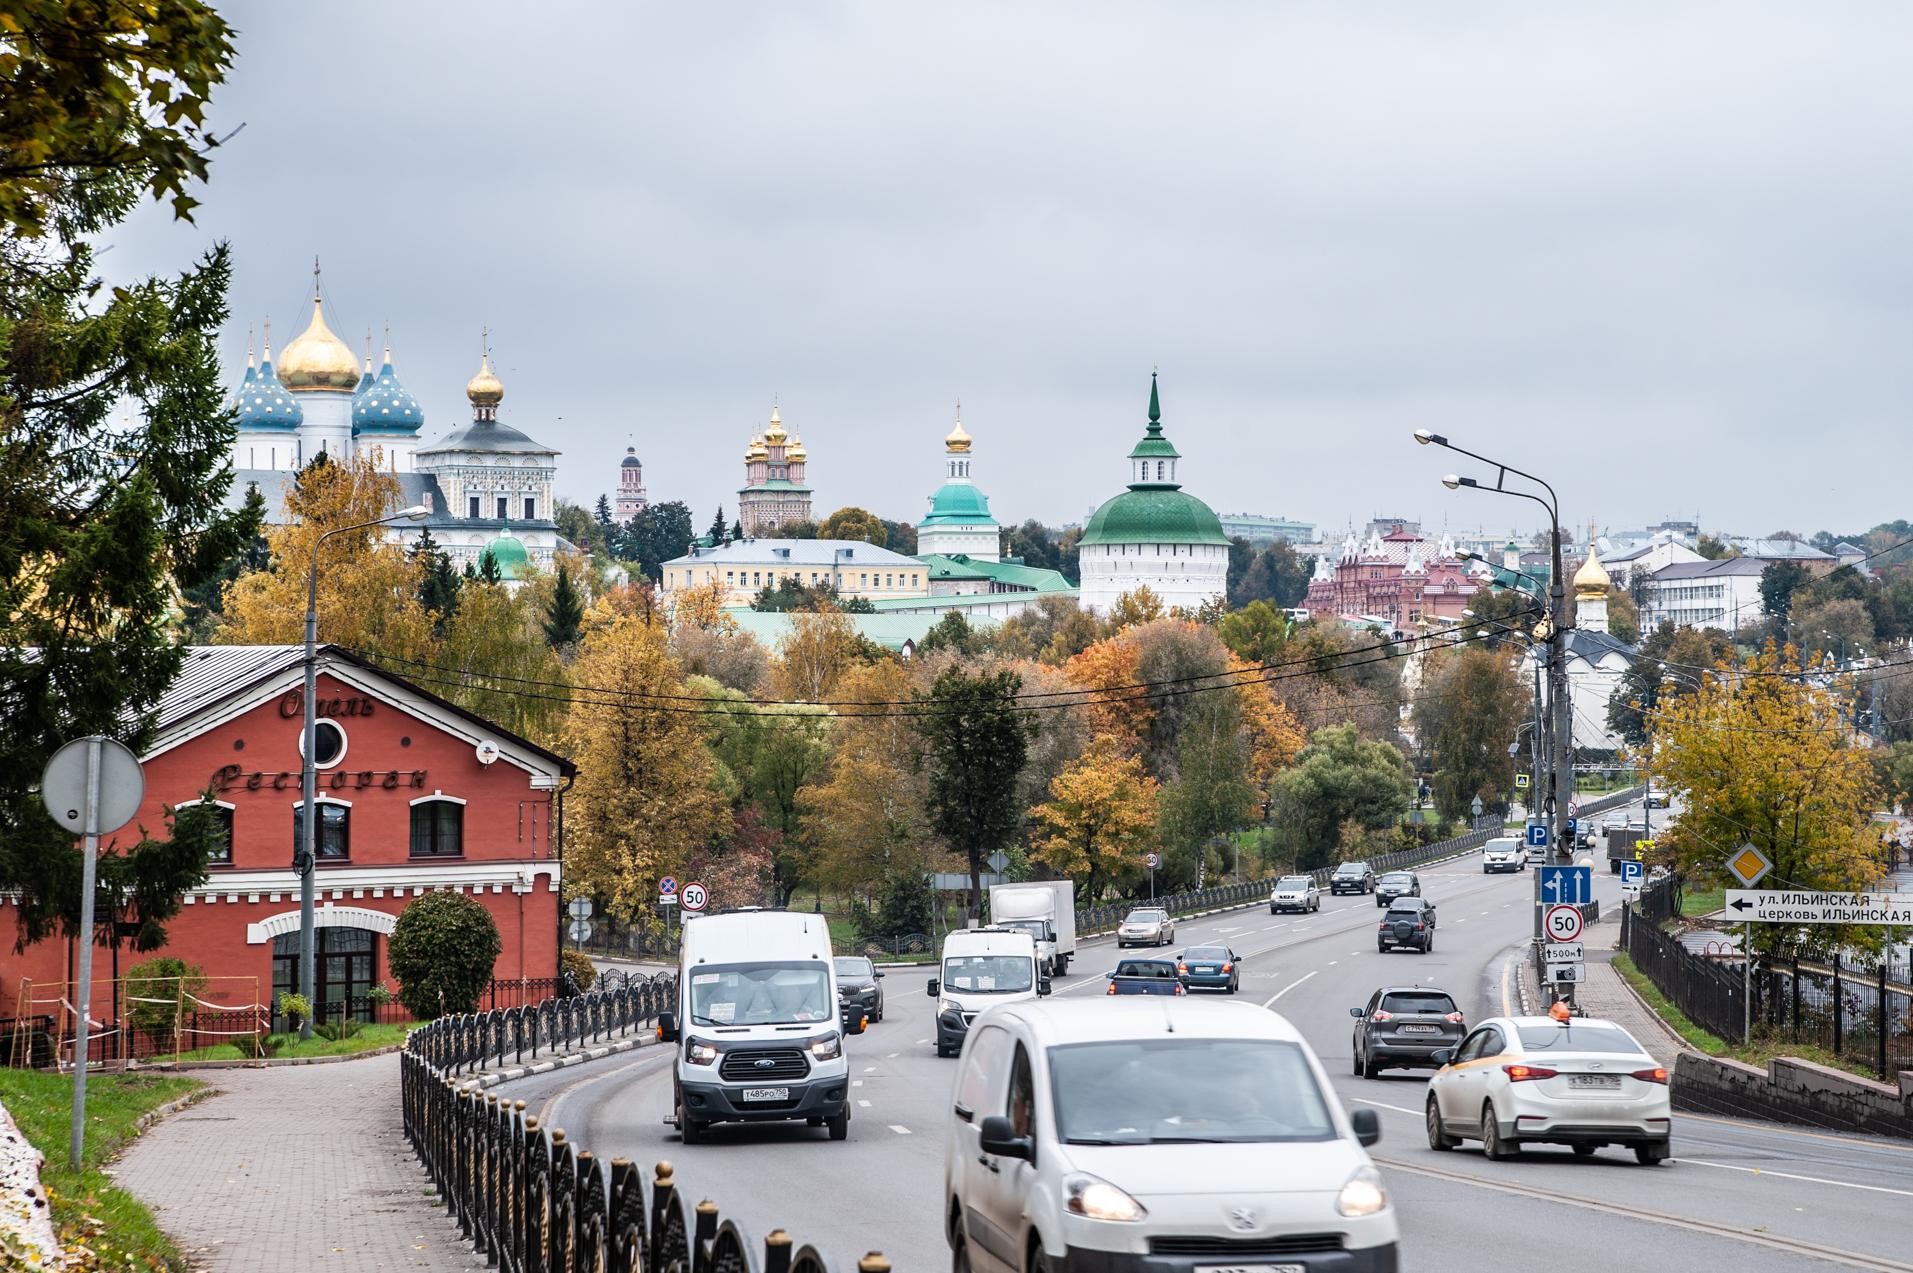 Сергиев Посад. Вид на город